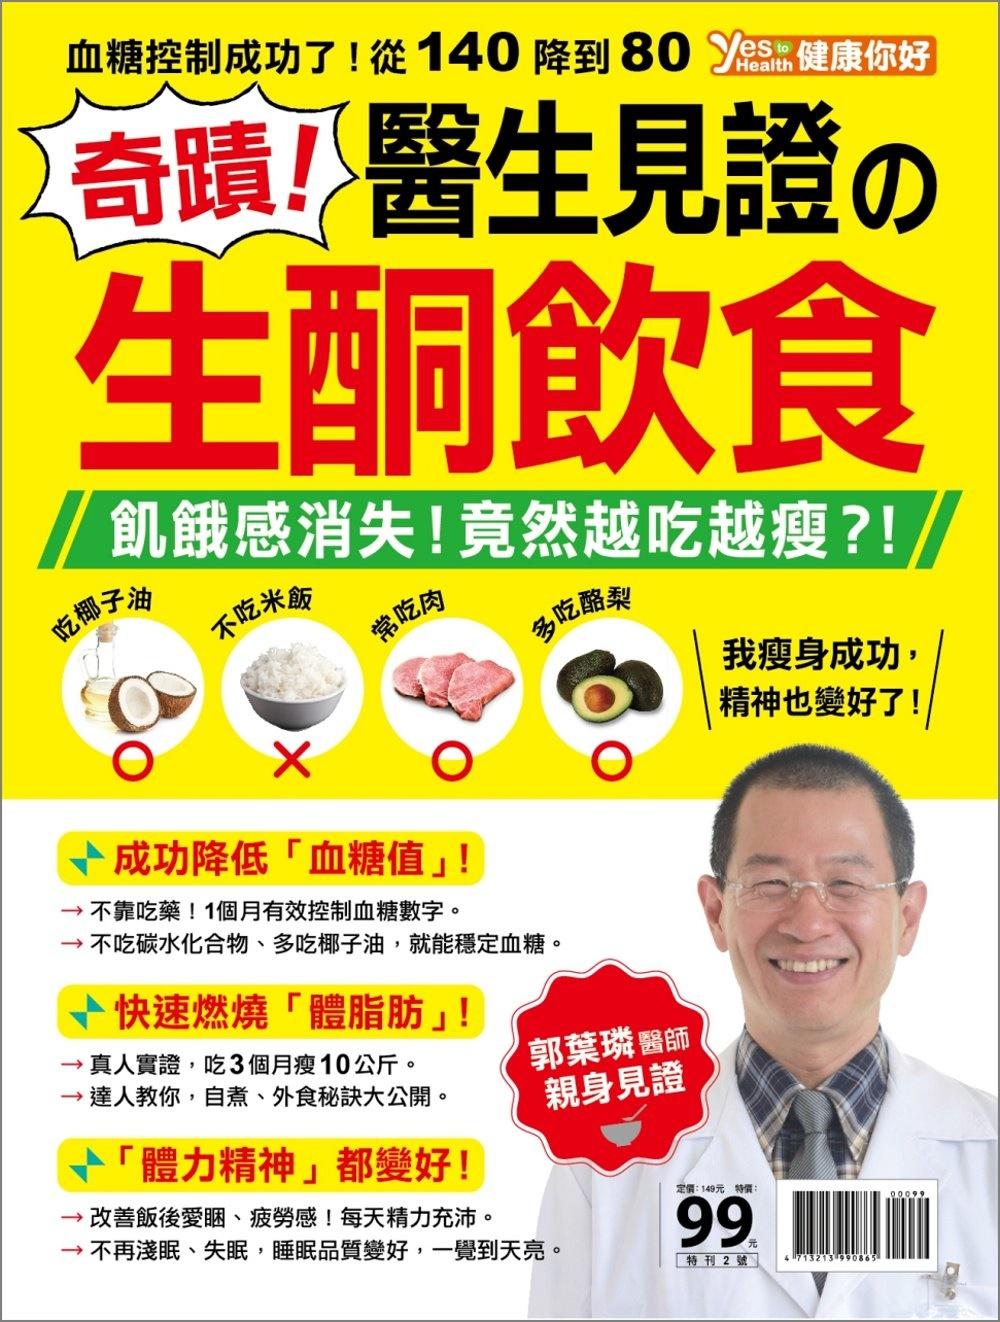 健康你好:奇蹟!醫生見證的生酮飲食